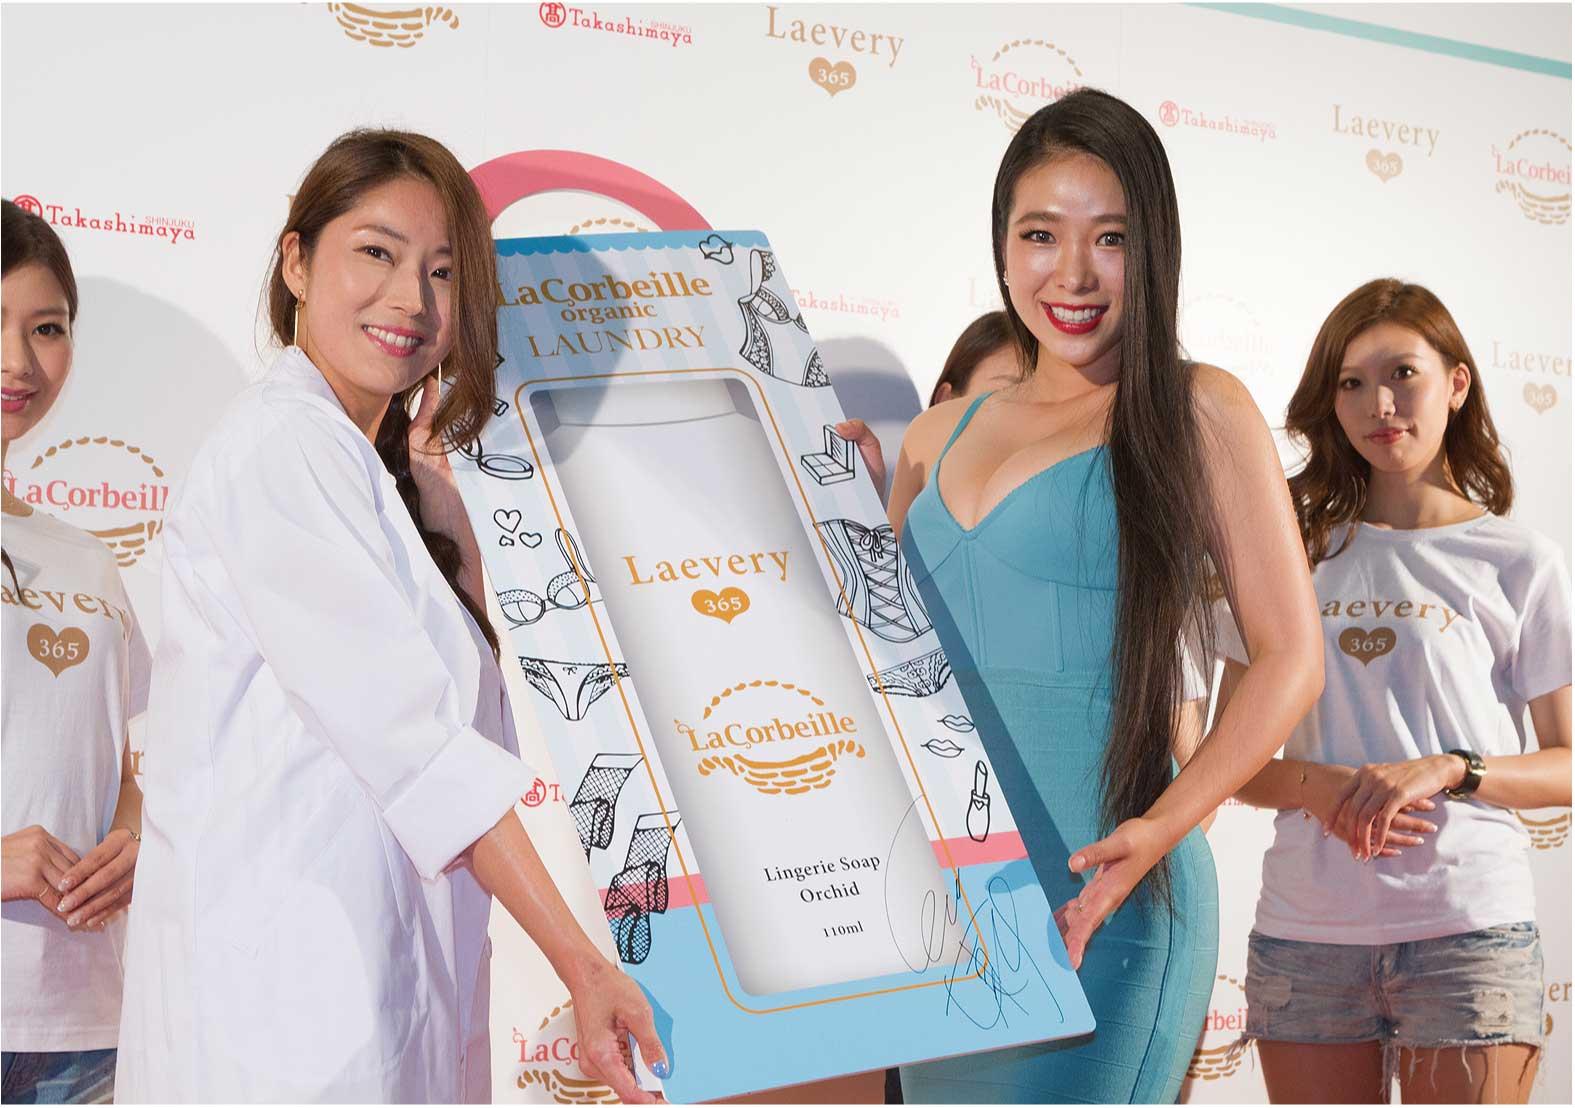 【商品開発】女性たちのデリケートな悩みから生まれた下着専用洗剤「ラブリー365」(2017年8月号)